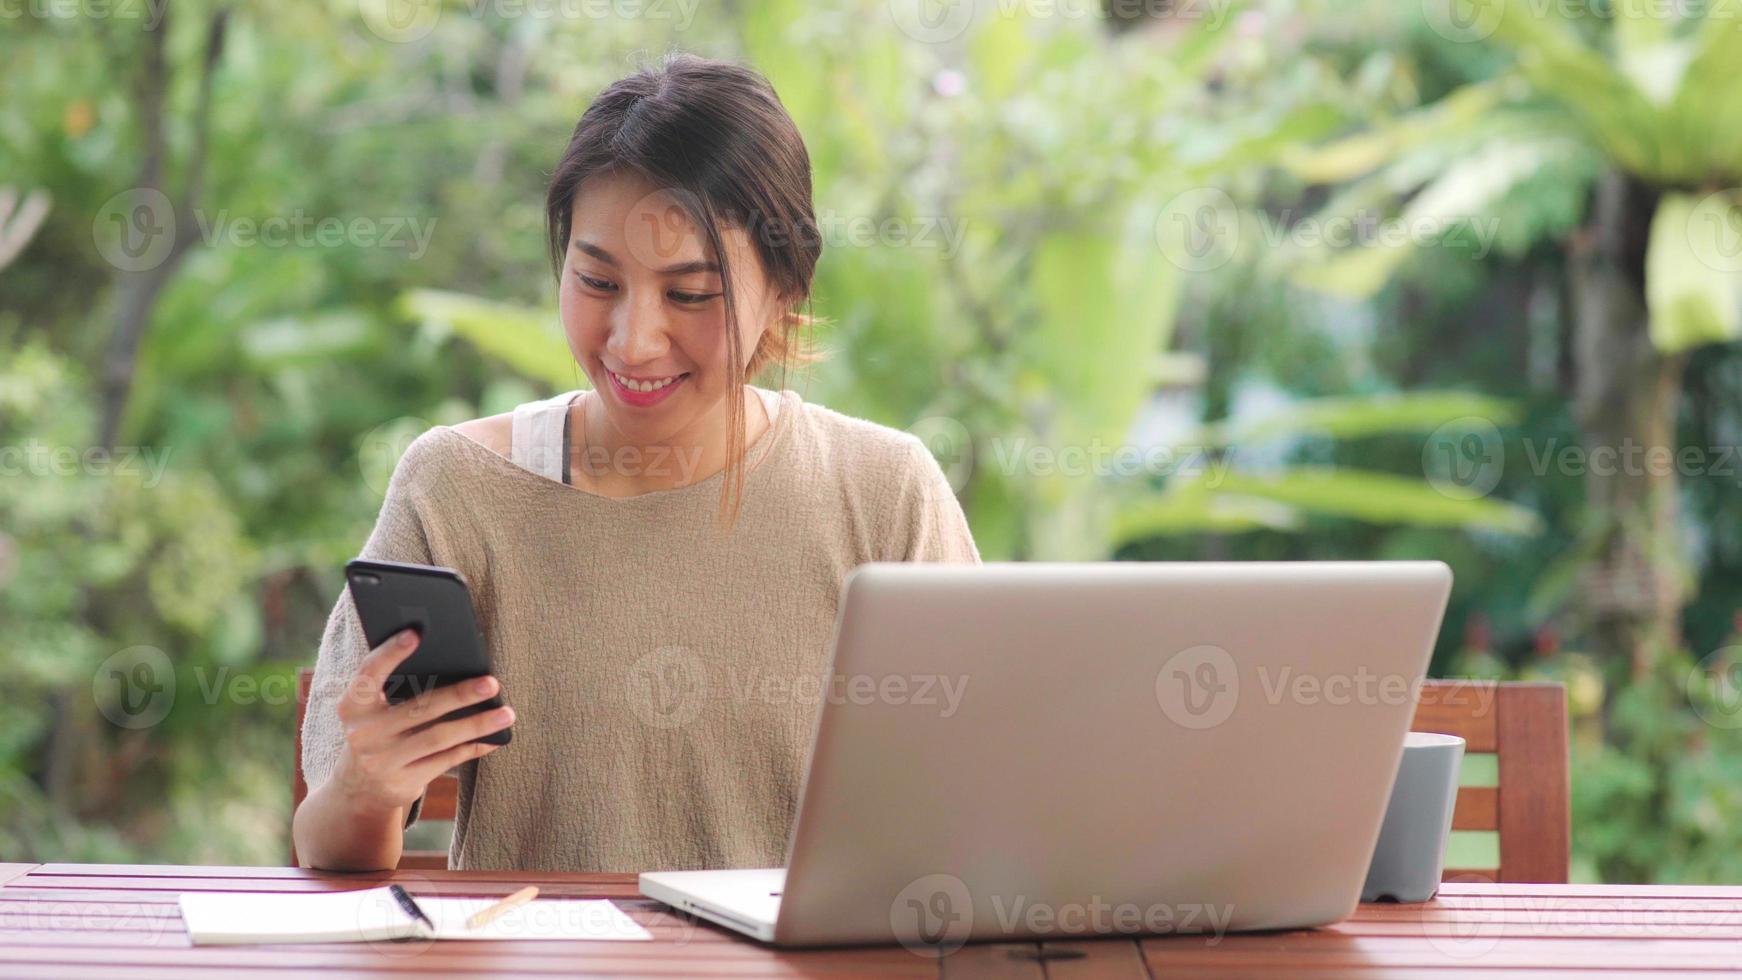 mujer asiática independiente que trabaja en casa, mujer de negocios que trabaja en la computadora portátil y que usa el teléfono móvil tomando café sentado en la mesa en el jardín por la mañana. mujeres de estilo de vida que trabajan en el concepto de hogar. foto